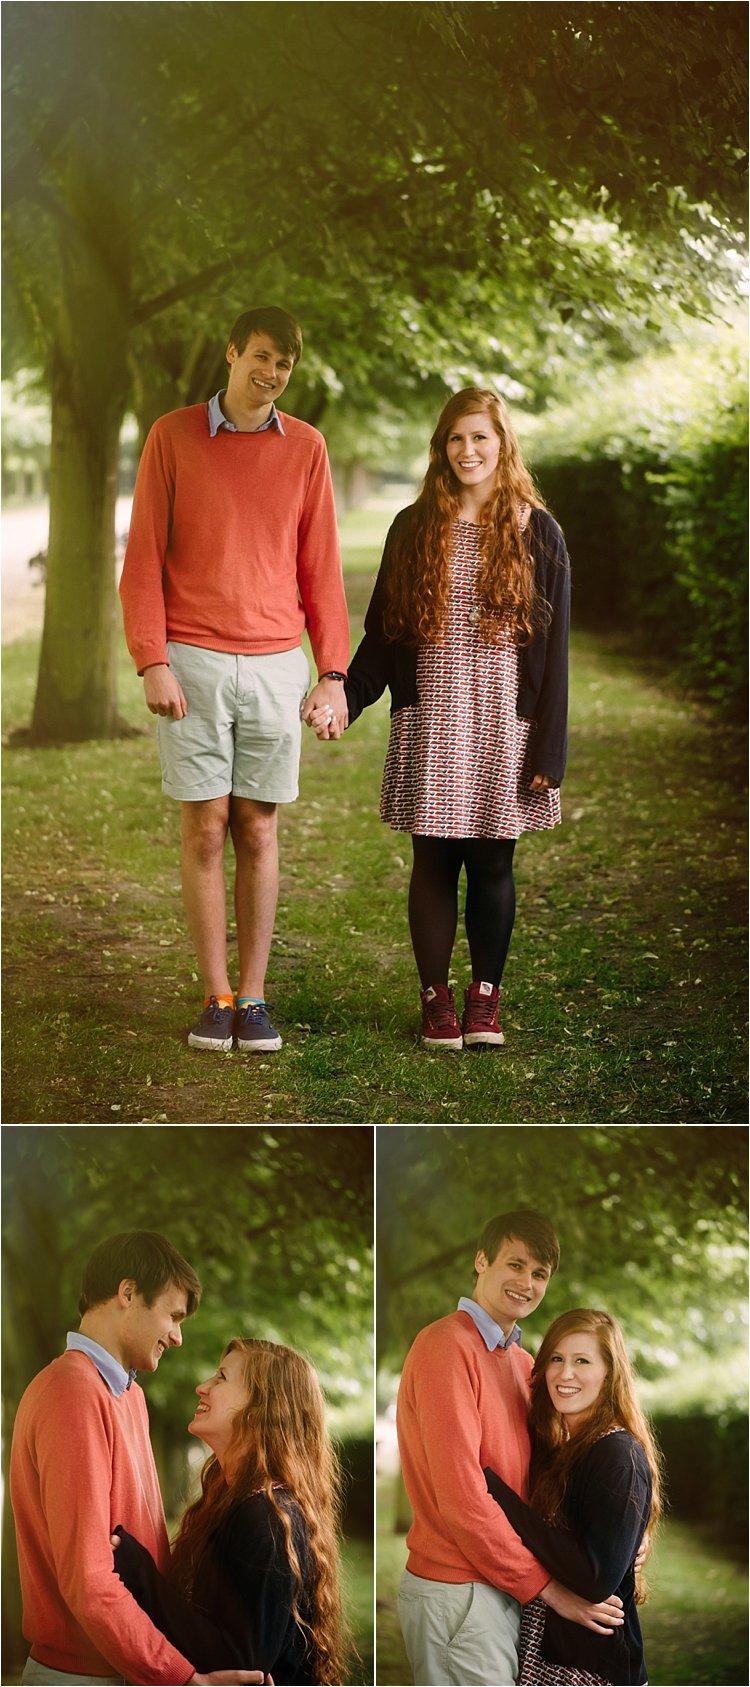 regents-park-engagement-photoshoot-london-wedding-photographer-lily-sawyer-photo